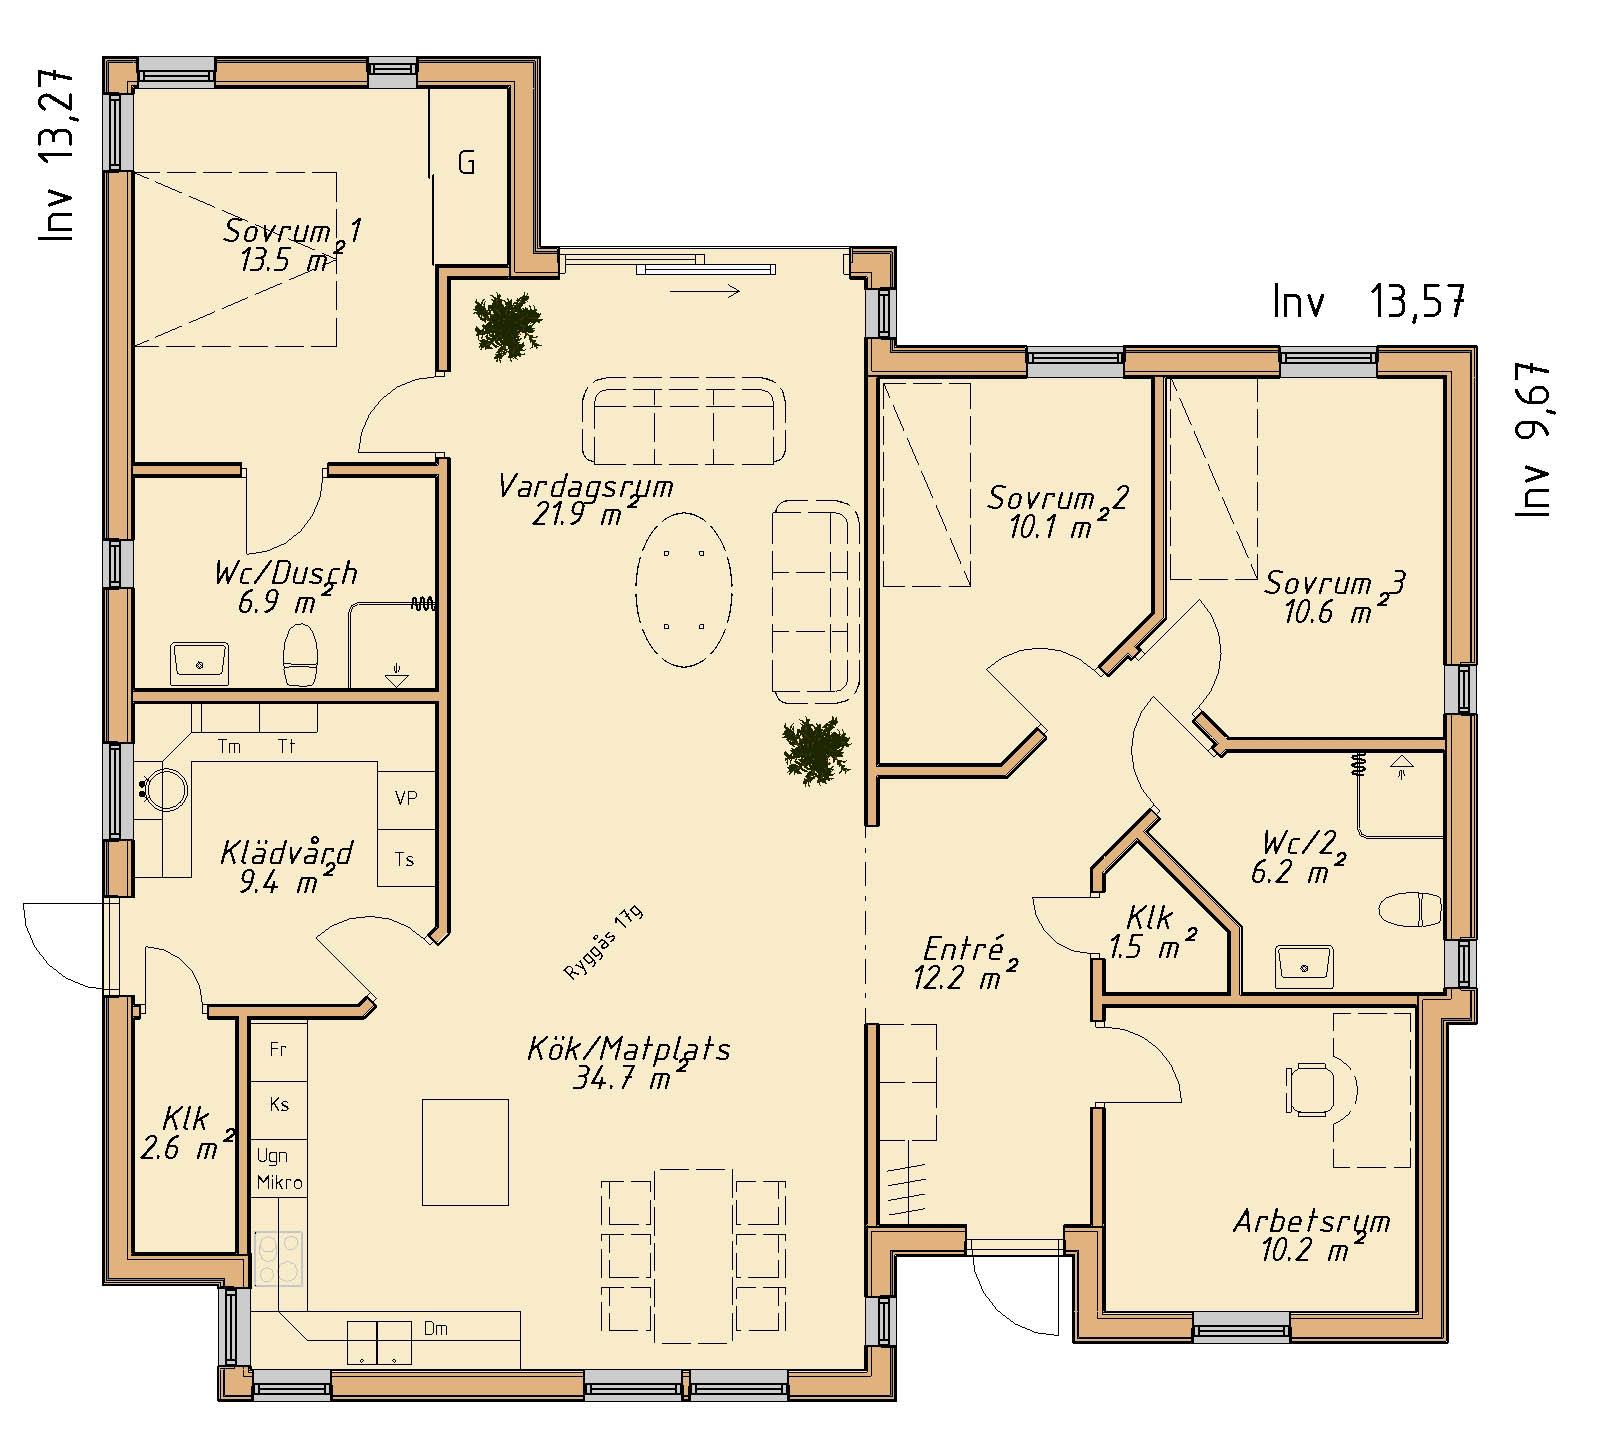 planlosningsbild 1 av VÄSTRARP